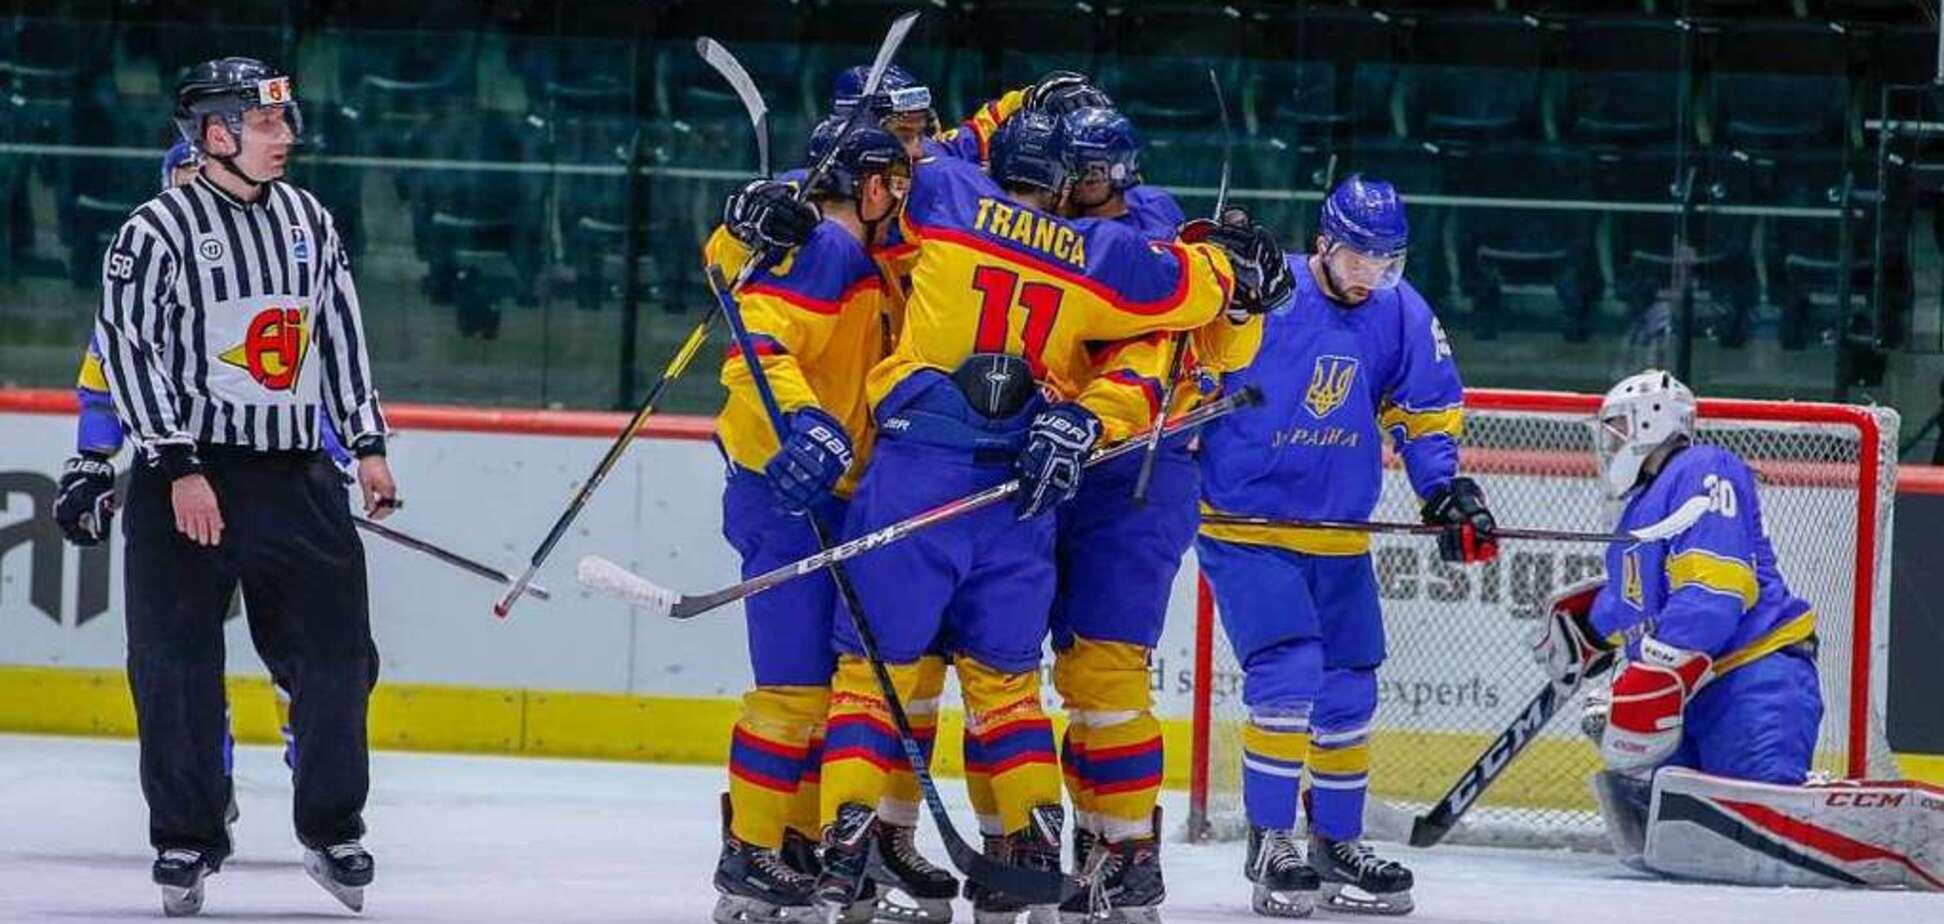 Сборная Украины потерпела историческое поражение на ЧМ по хоккею